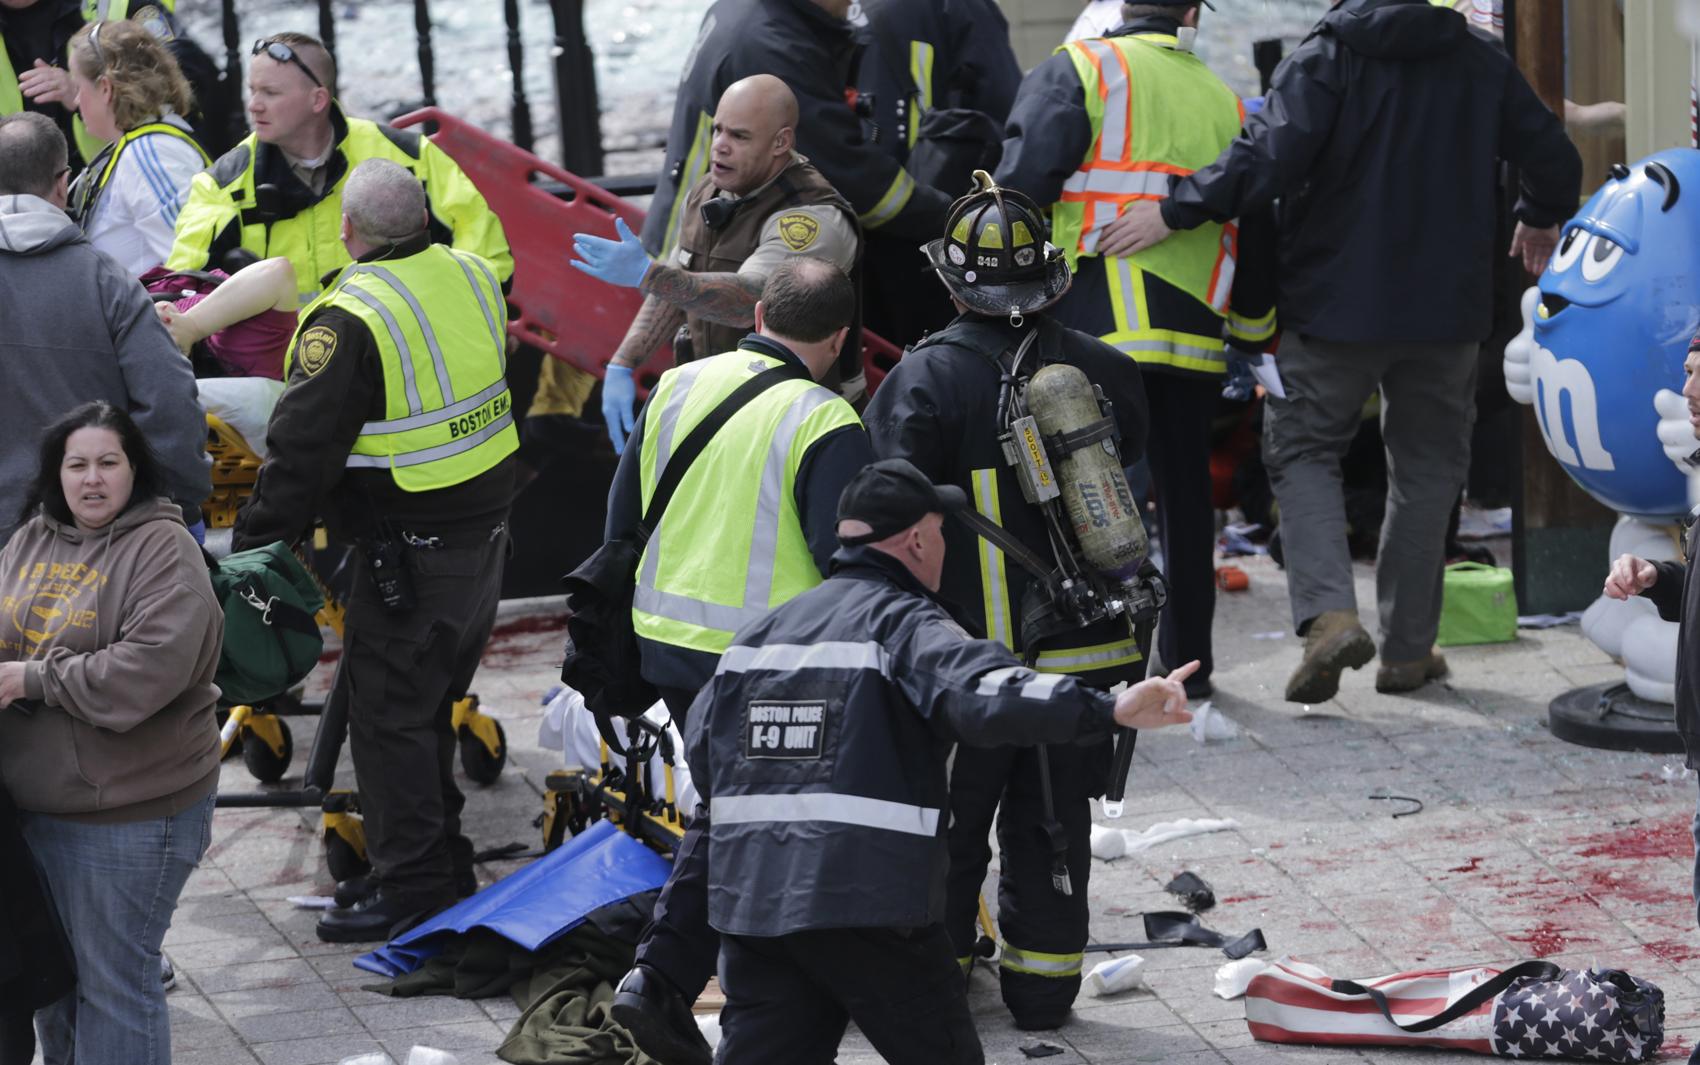 Equipes de resgate trabalham no local da explosão durante Maratona de Boston.